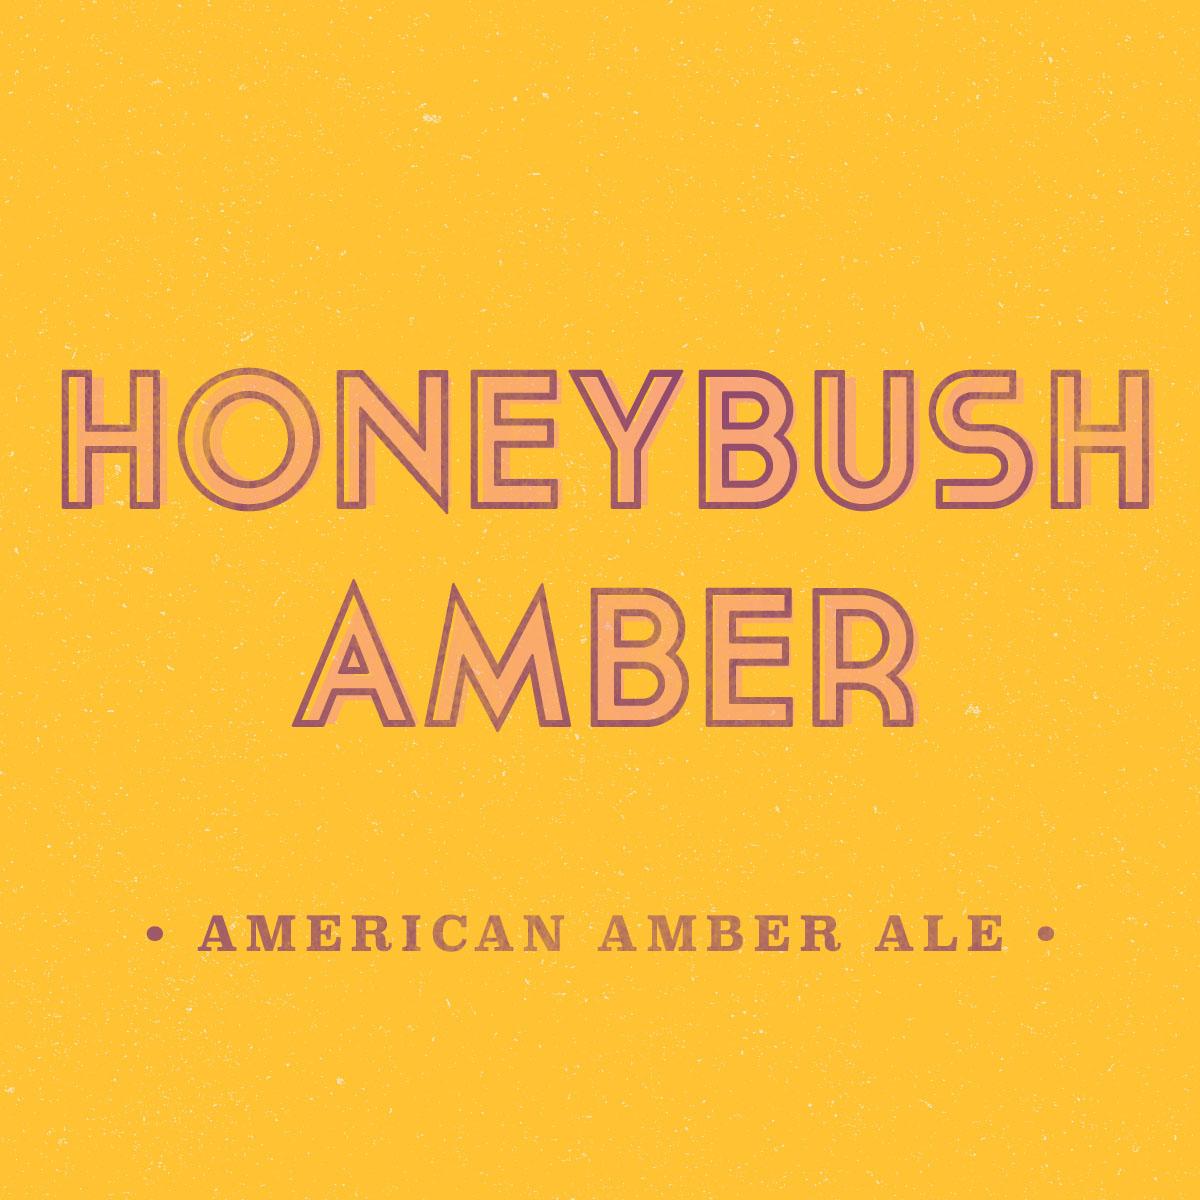 Honeybush Amber